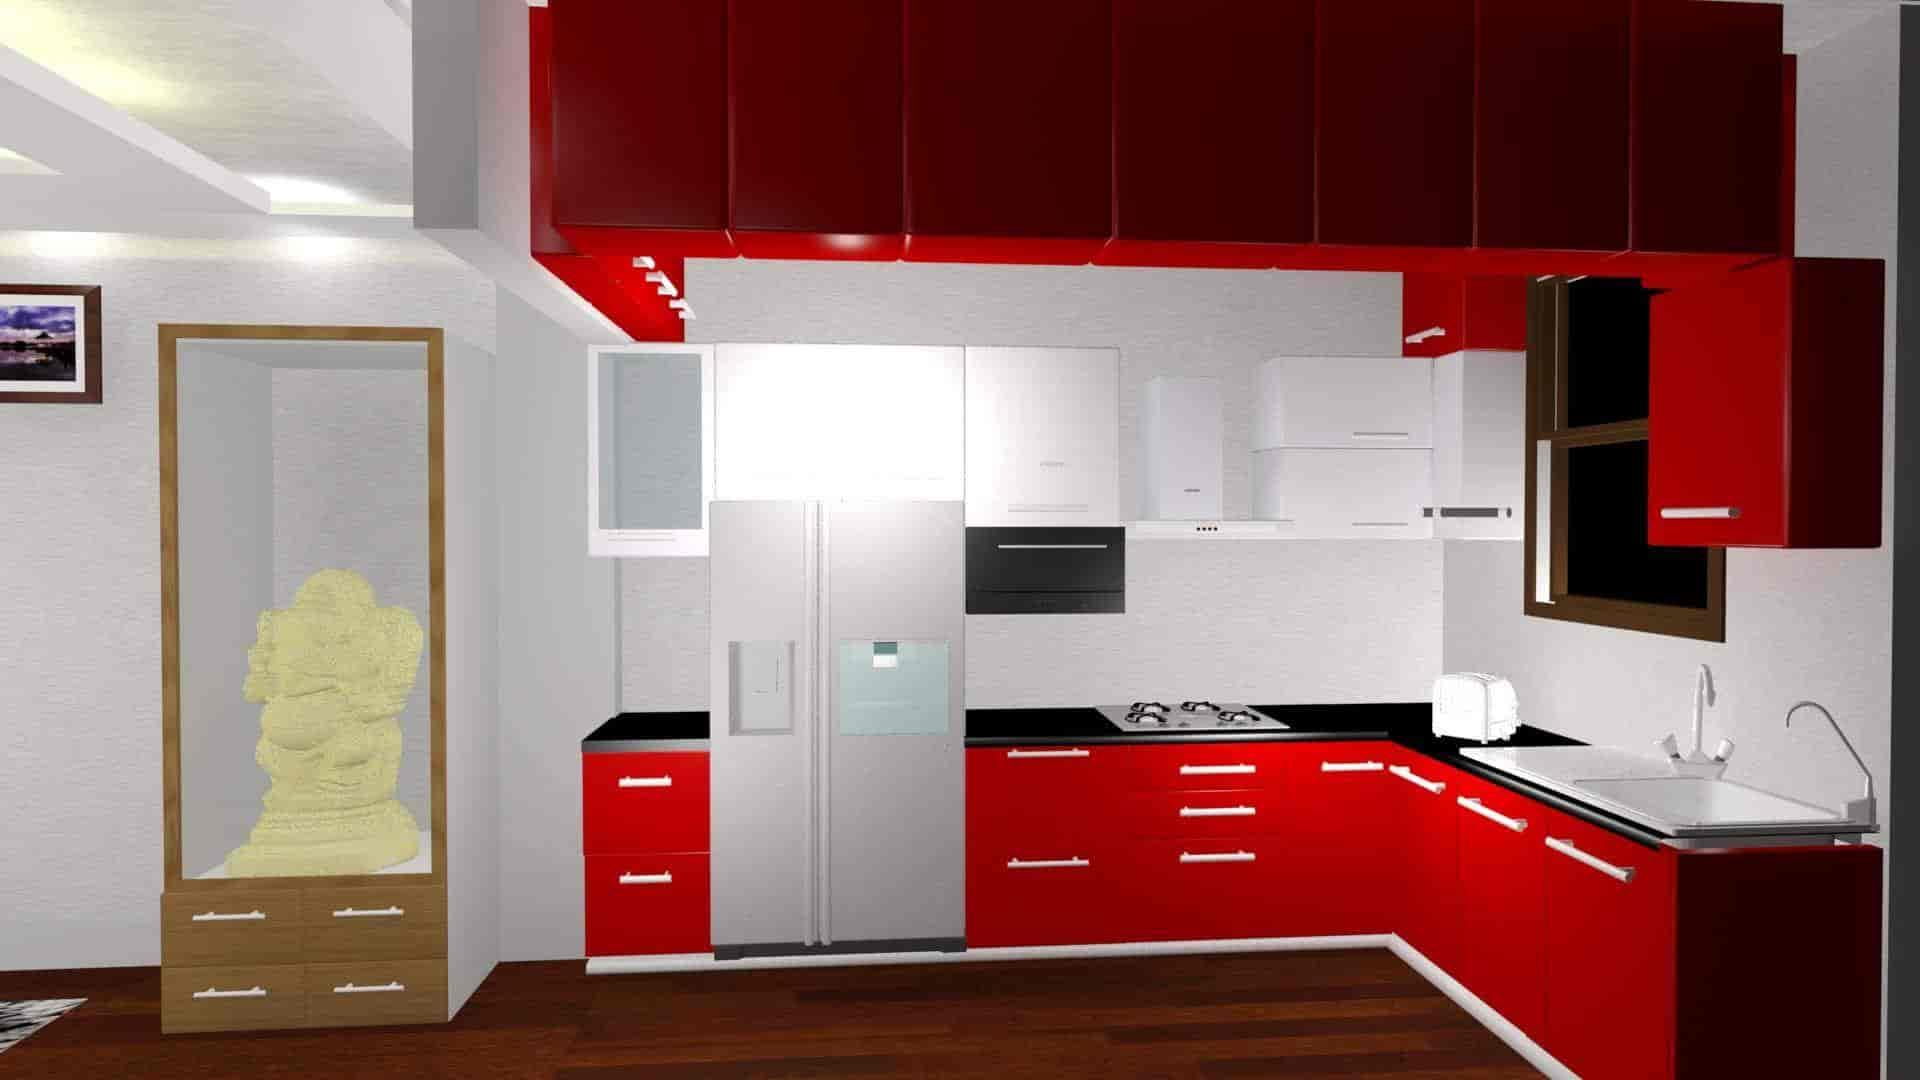 Dreams Home Interior, South City 2 - Dreamz Home Interior - Modular ...